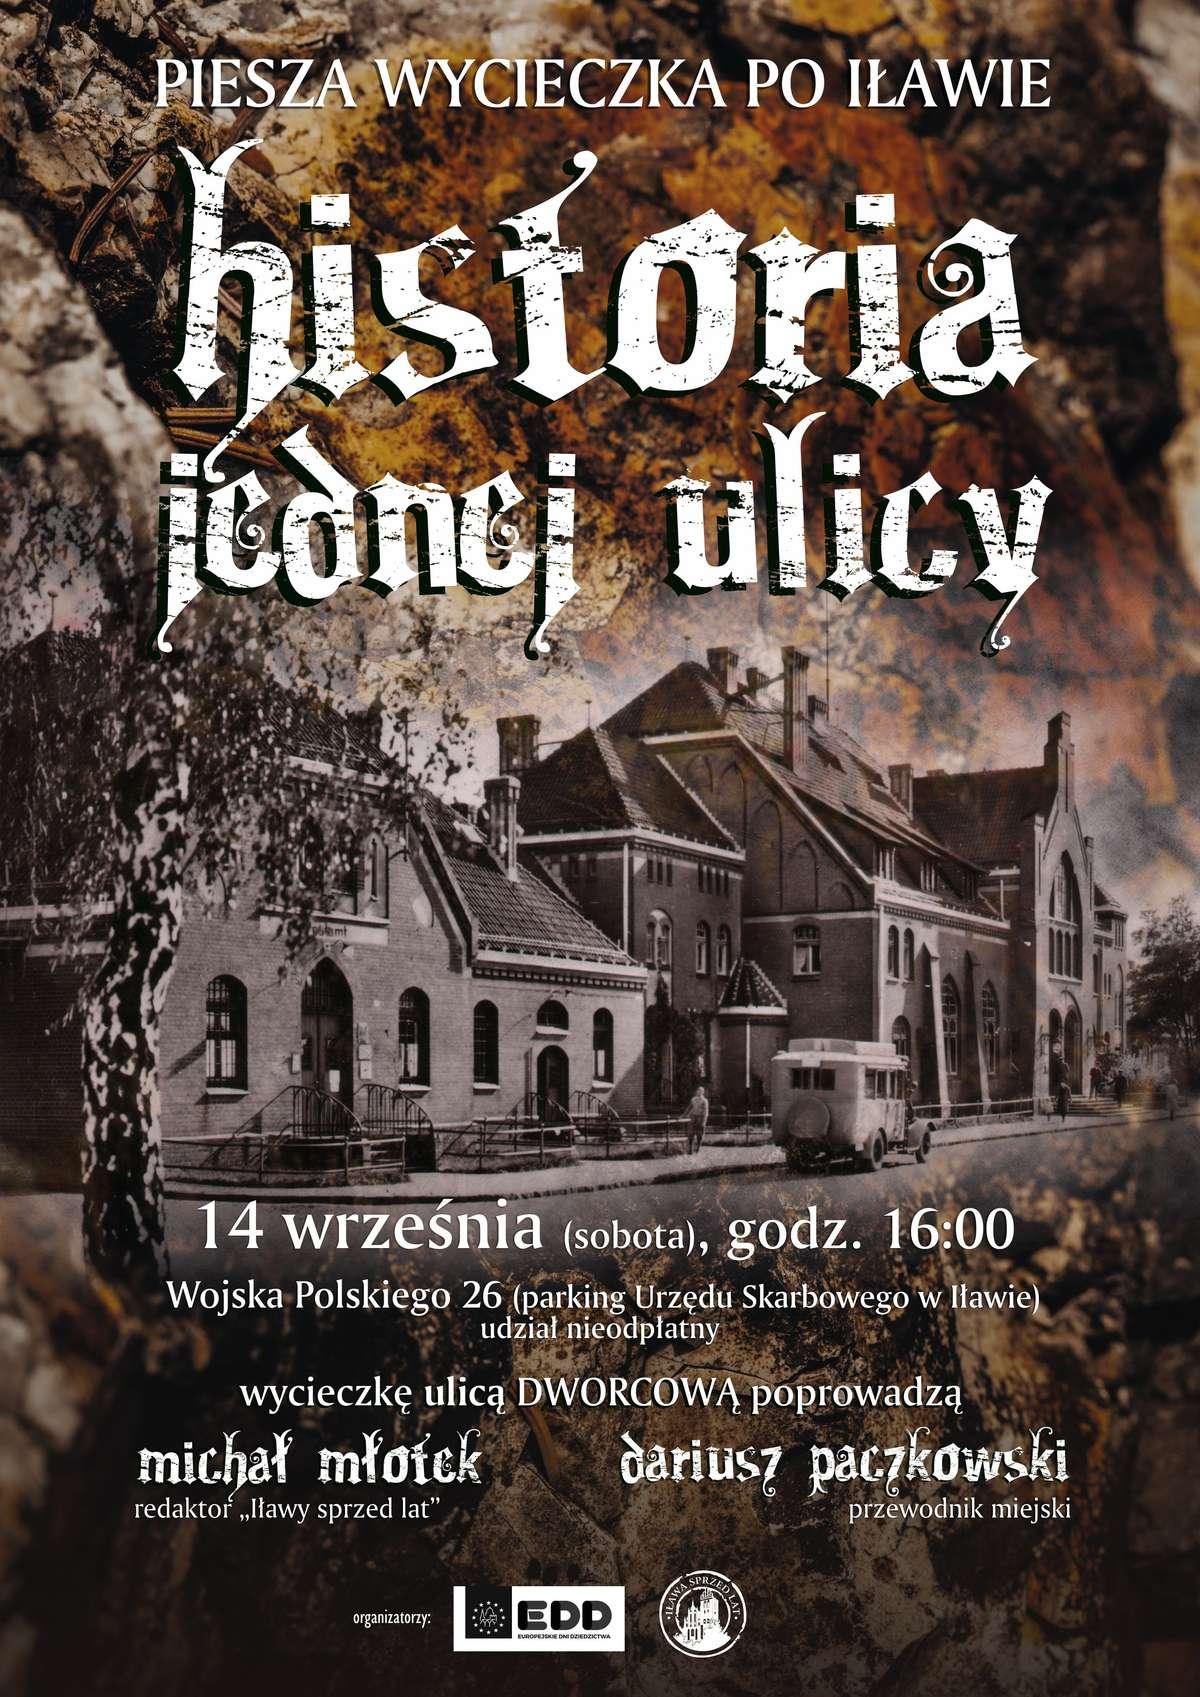 Plakat promujący wycieczkę ulicą Dworcową — kliknij, aby zobaczyć go w całości